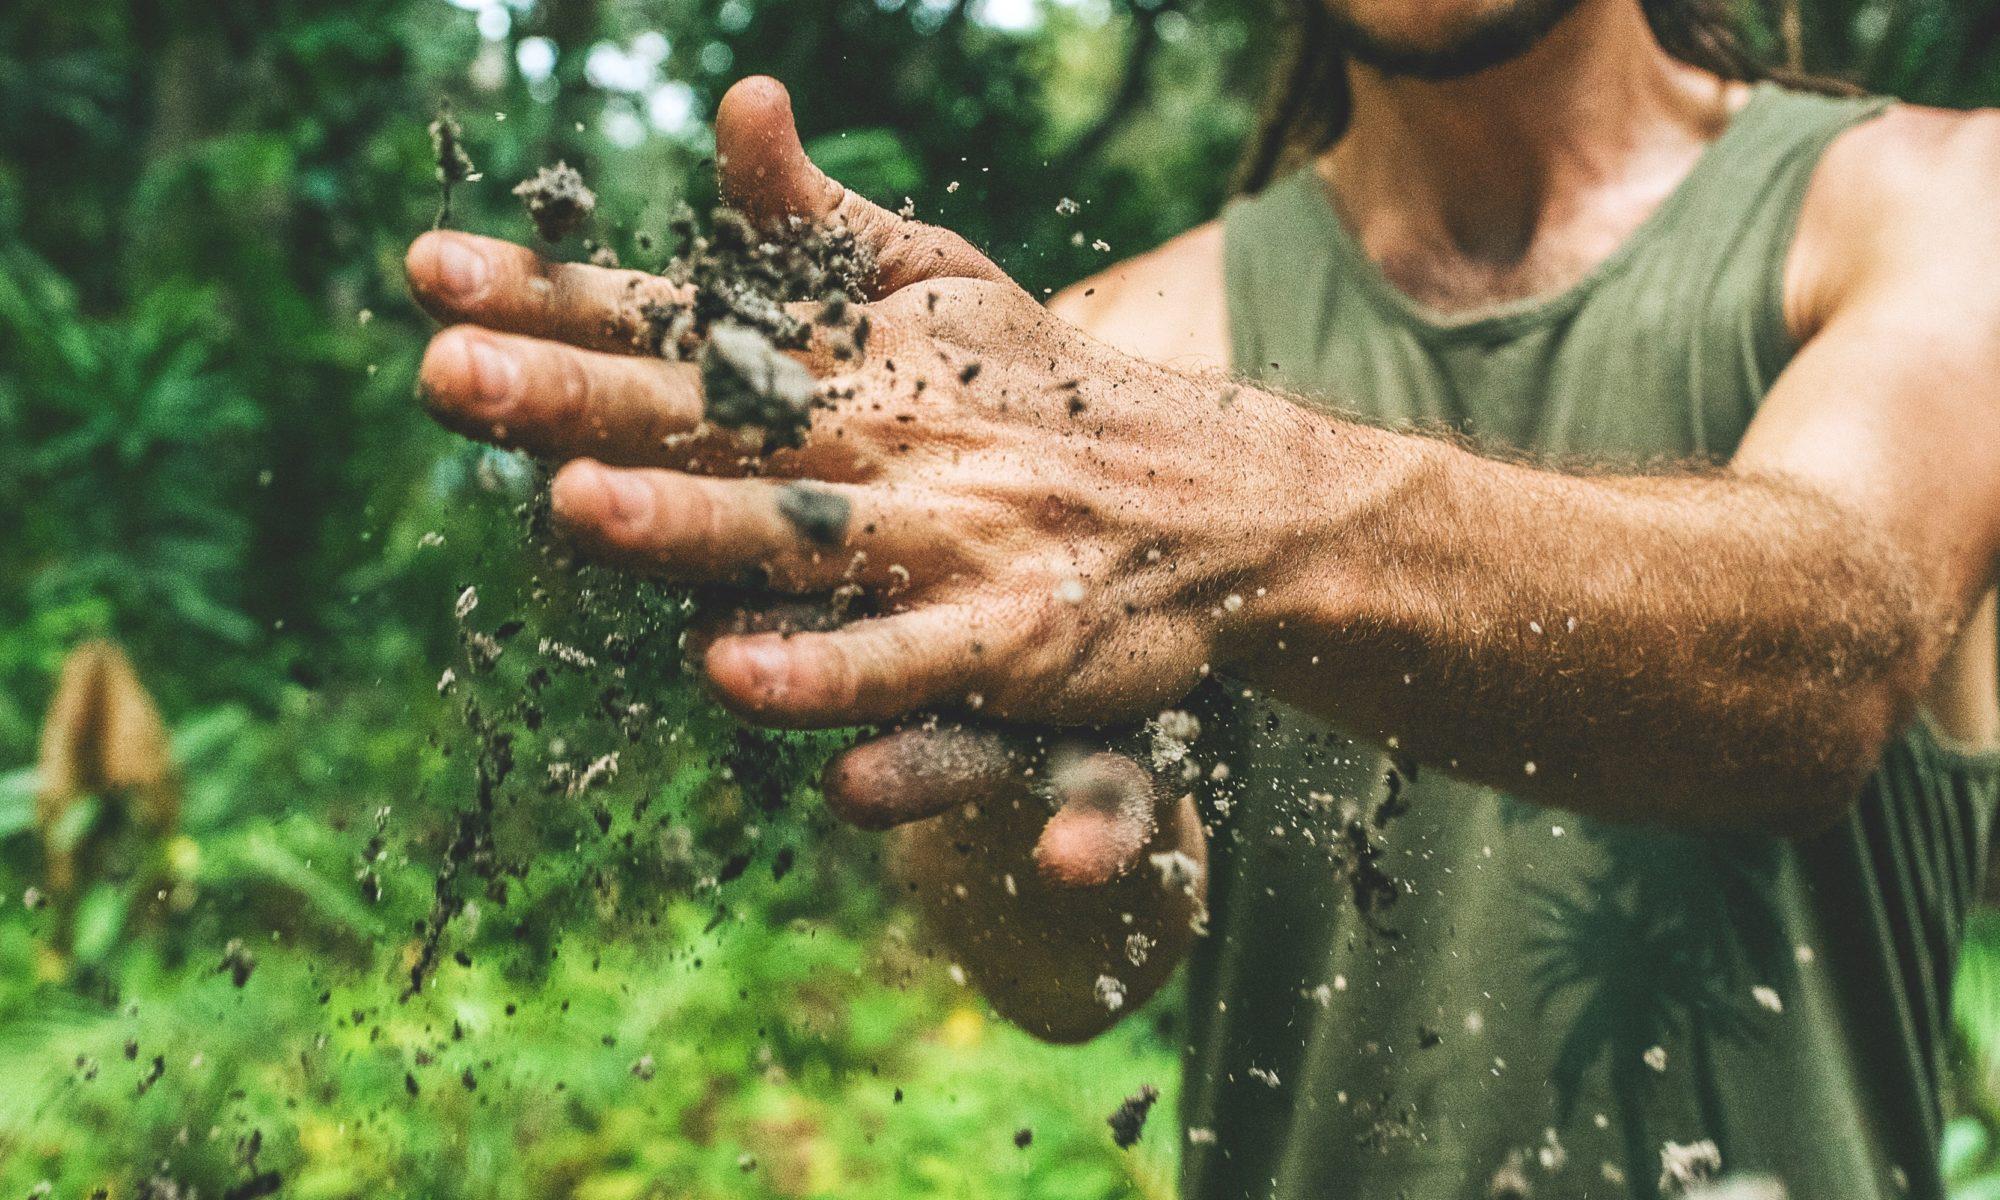 Mann der Erde zwischen den Händen verreibt